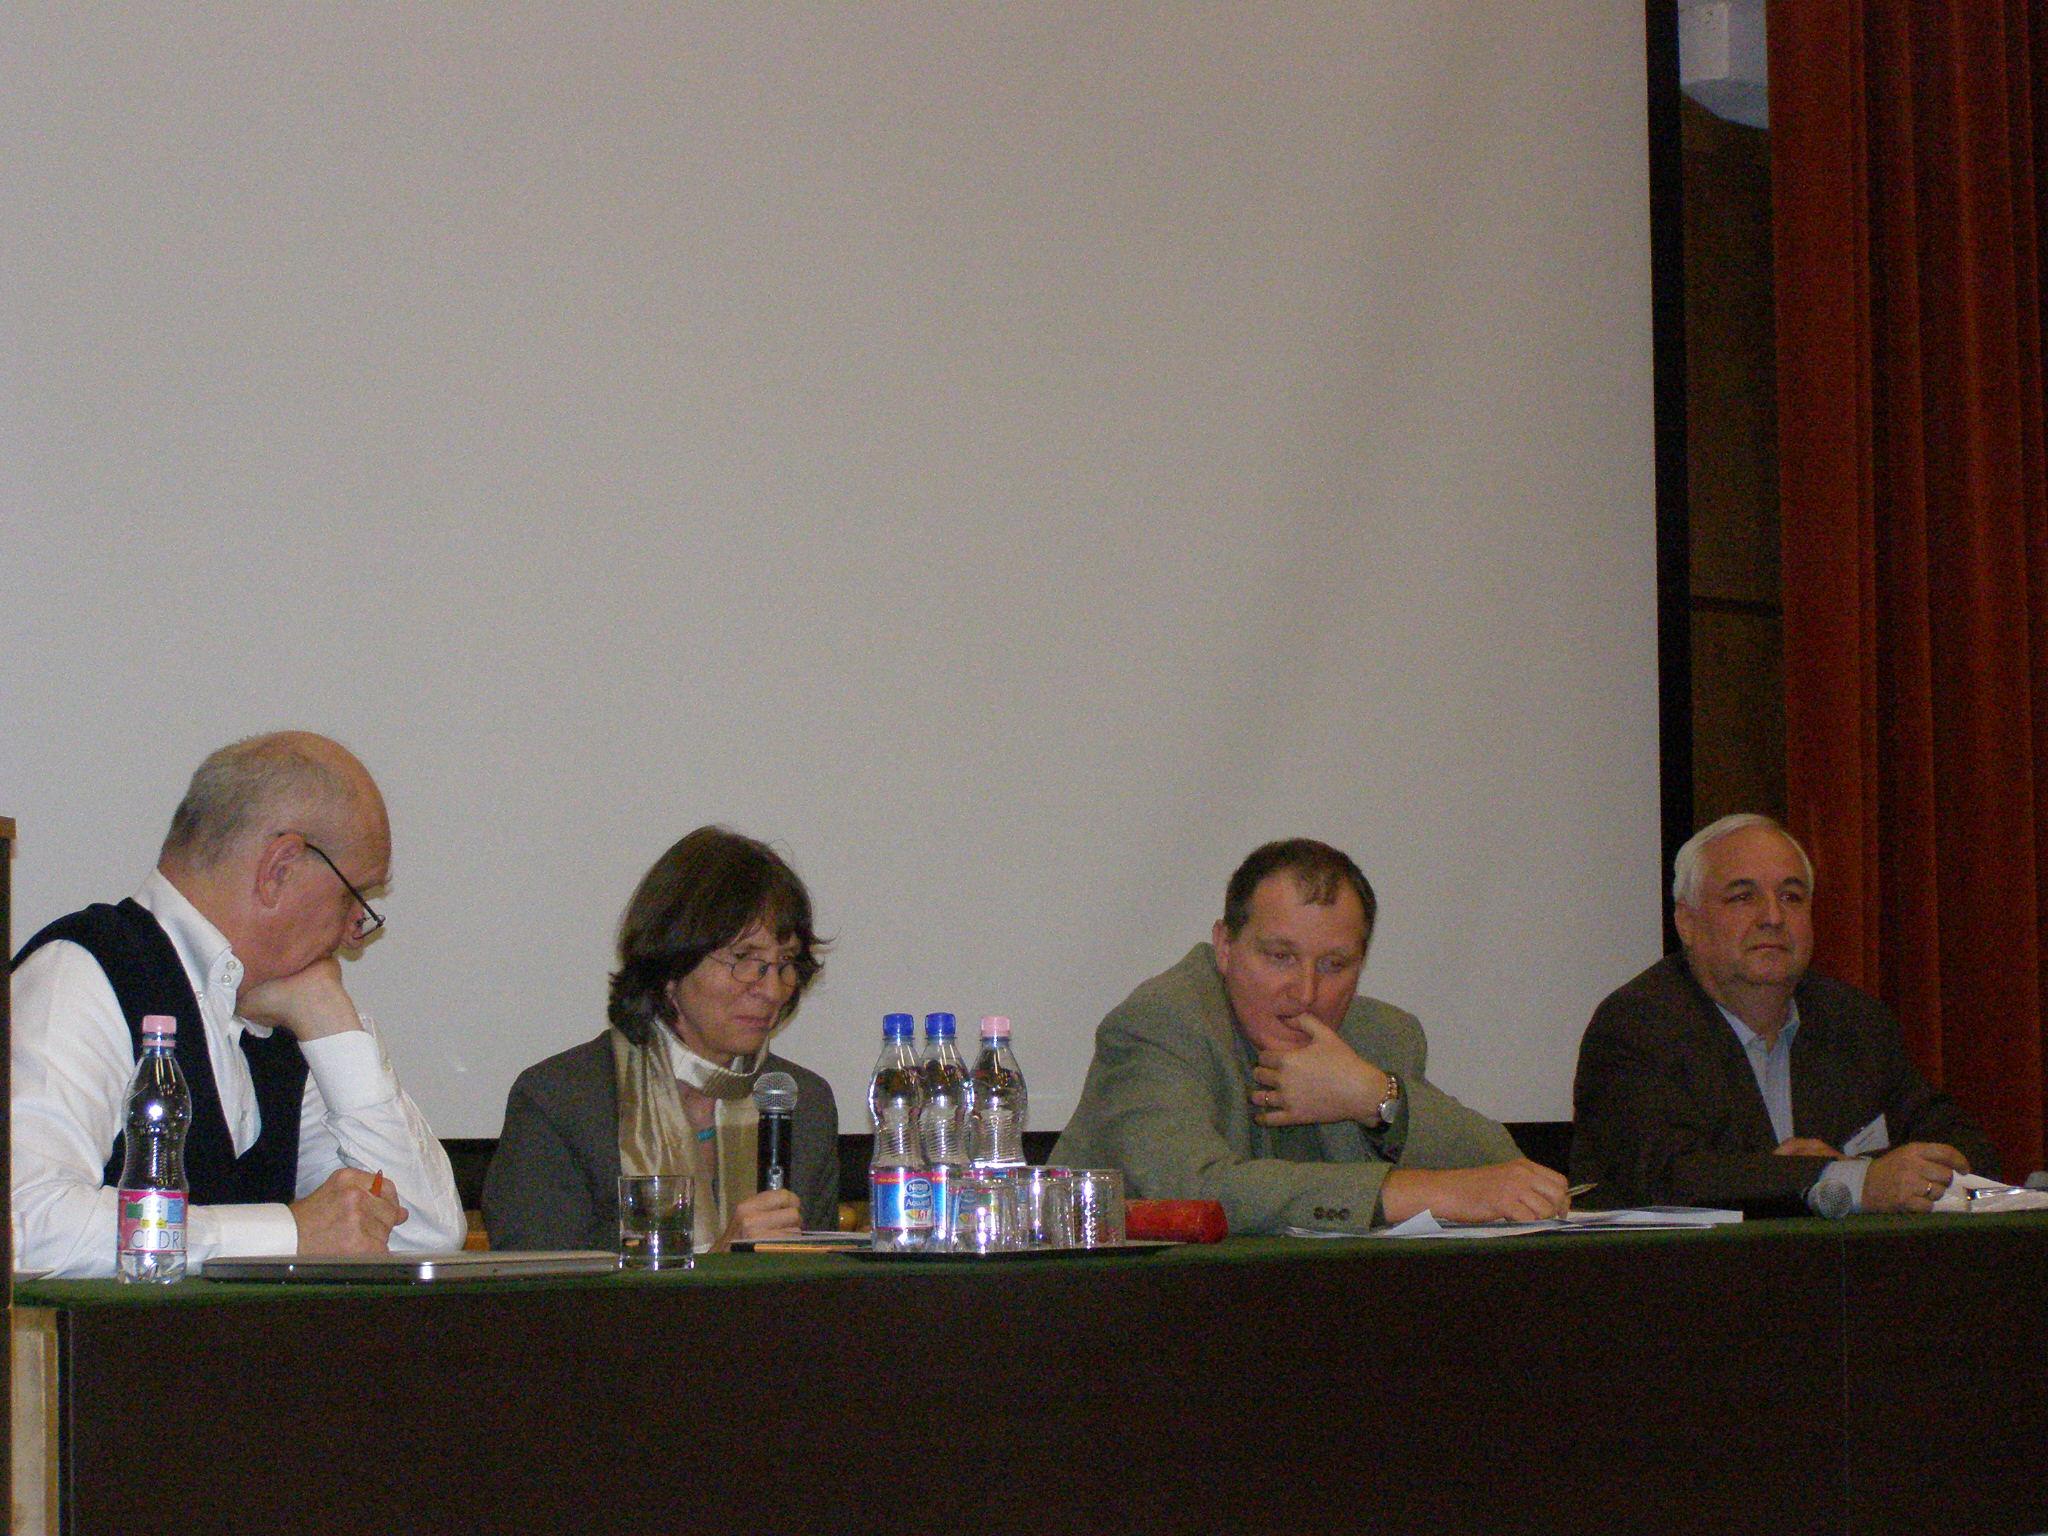 Az első kerekasztal résztvevői: György Péter, Aleida Assmann, Bényei Tamás és Bartha Elek